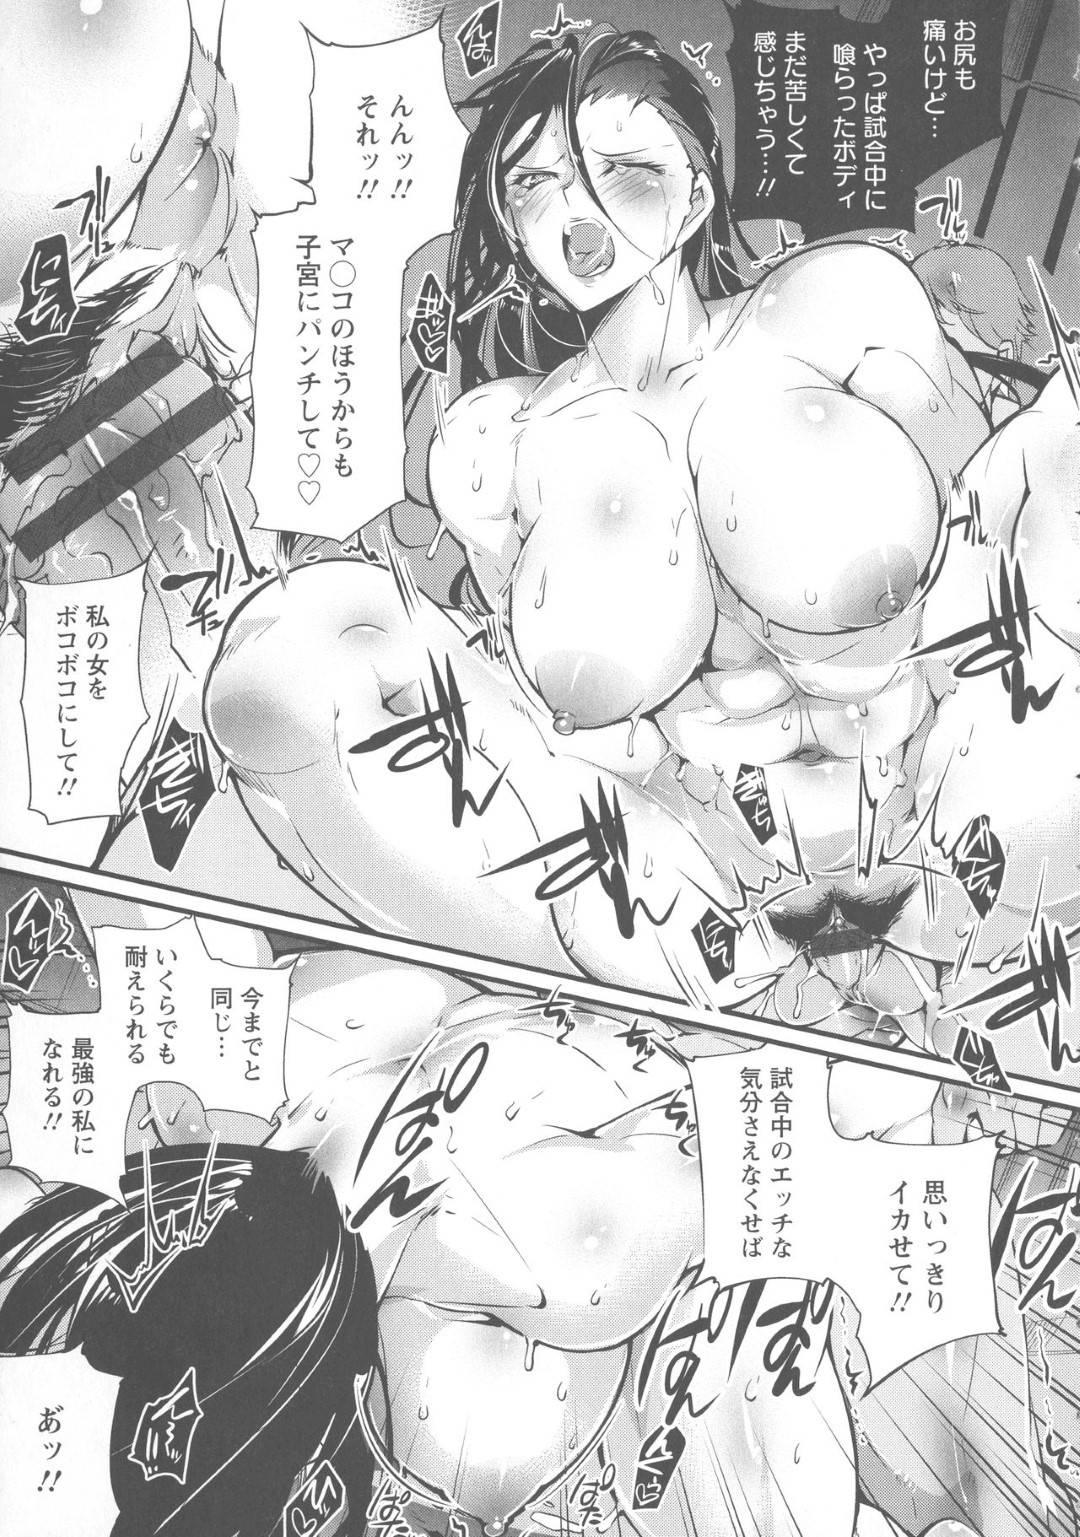 【エロ同人誌】痛めつけられることに快感を得る淫乱ドM女ボクサー。トレーナーの男子にスパンキングされながら激しく犯されてイキまくり、腹パンされながら種付けされて絶頂する【オリジナル】